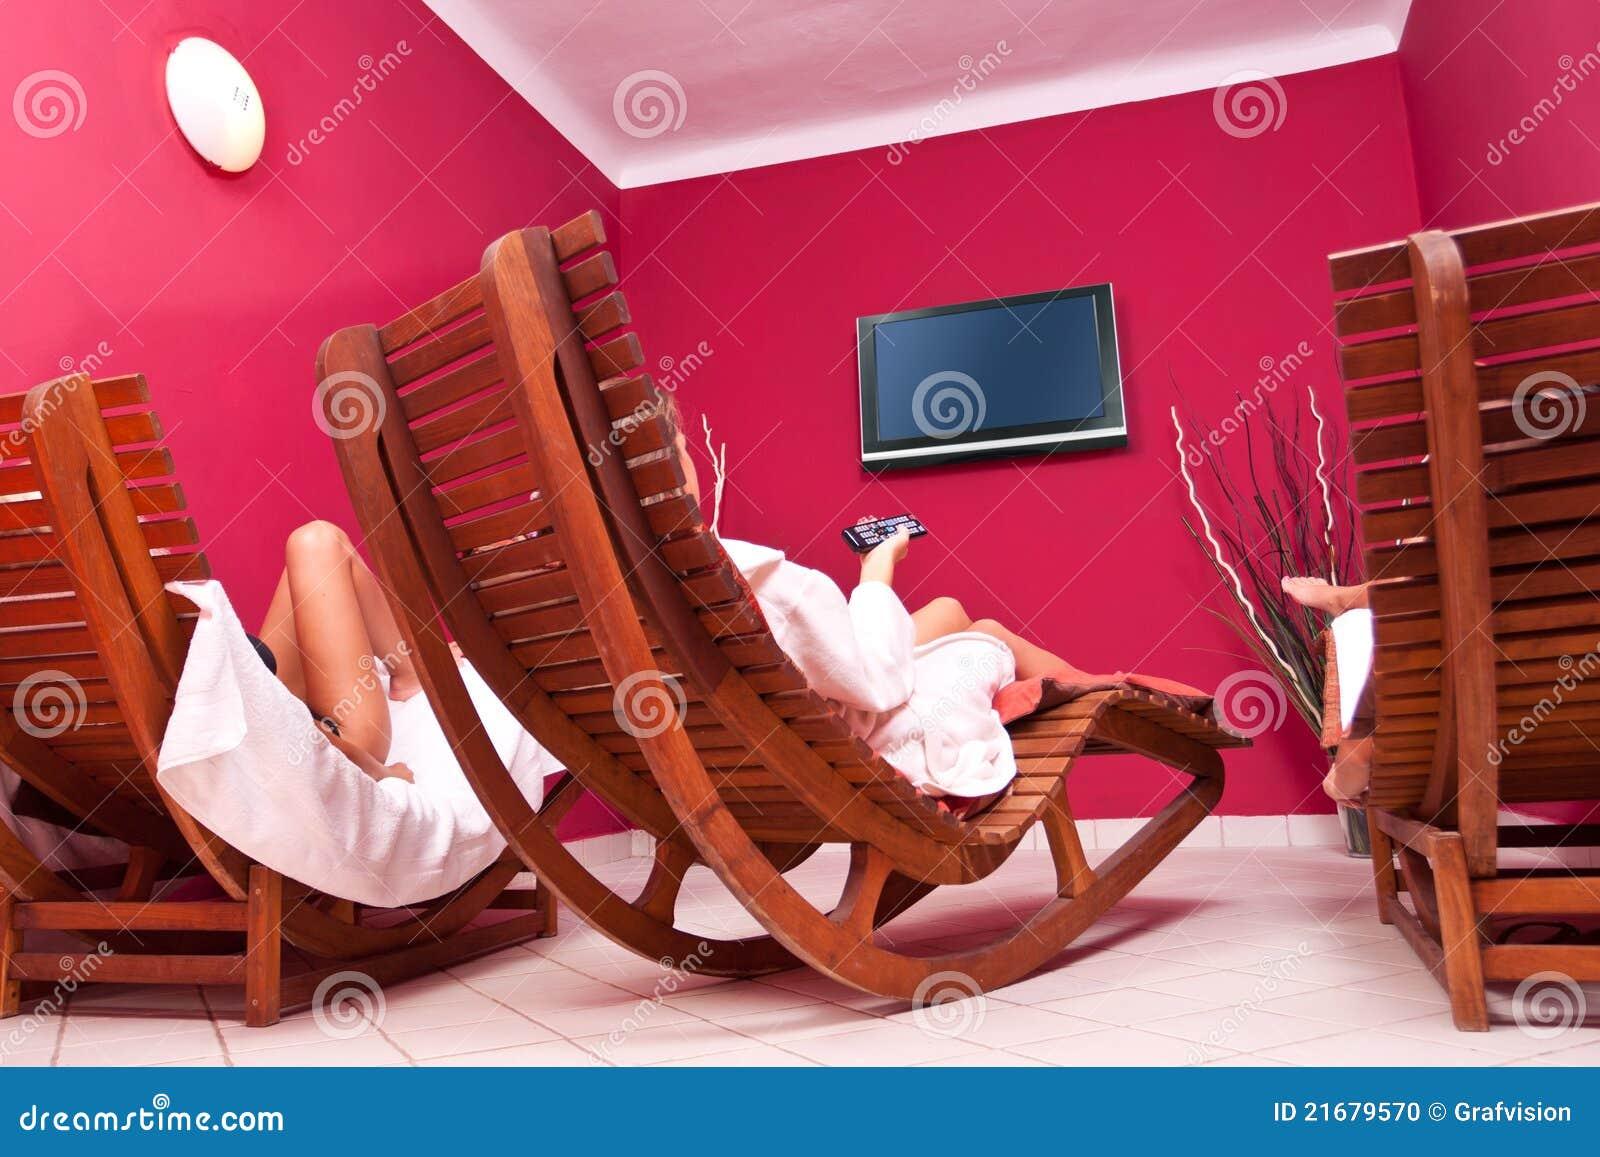 Relaksujący pokój